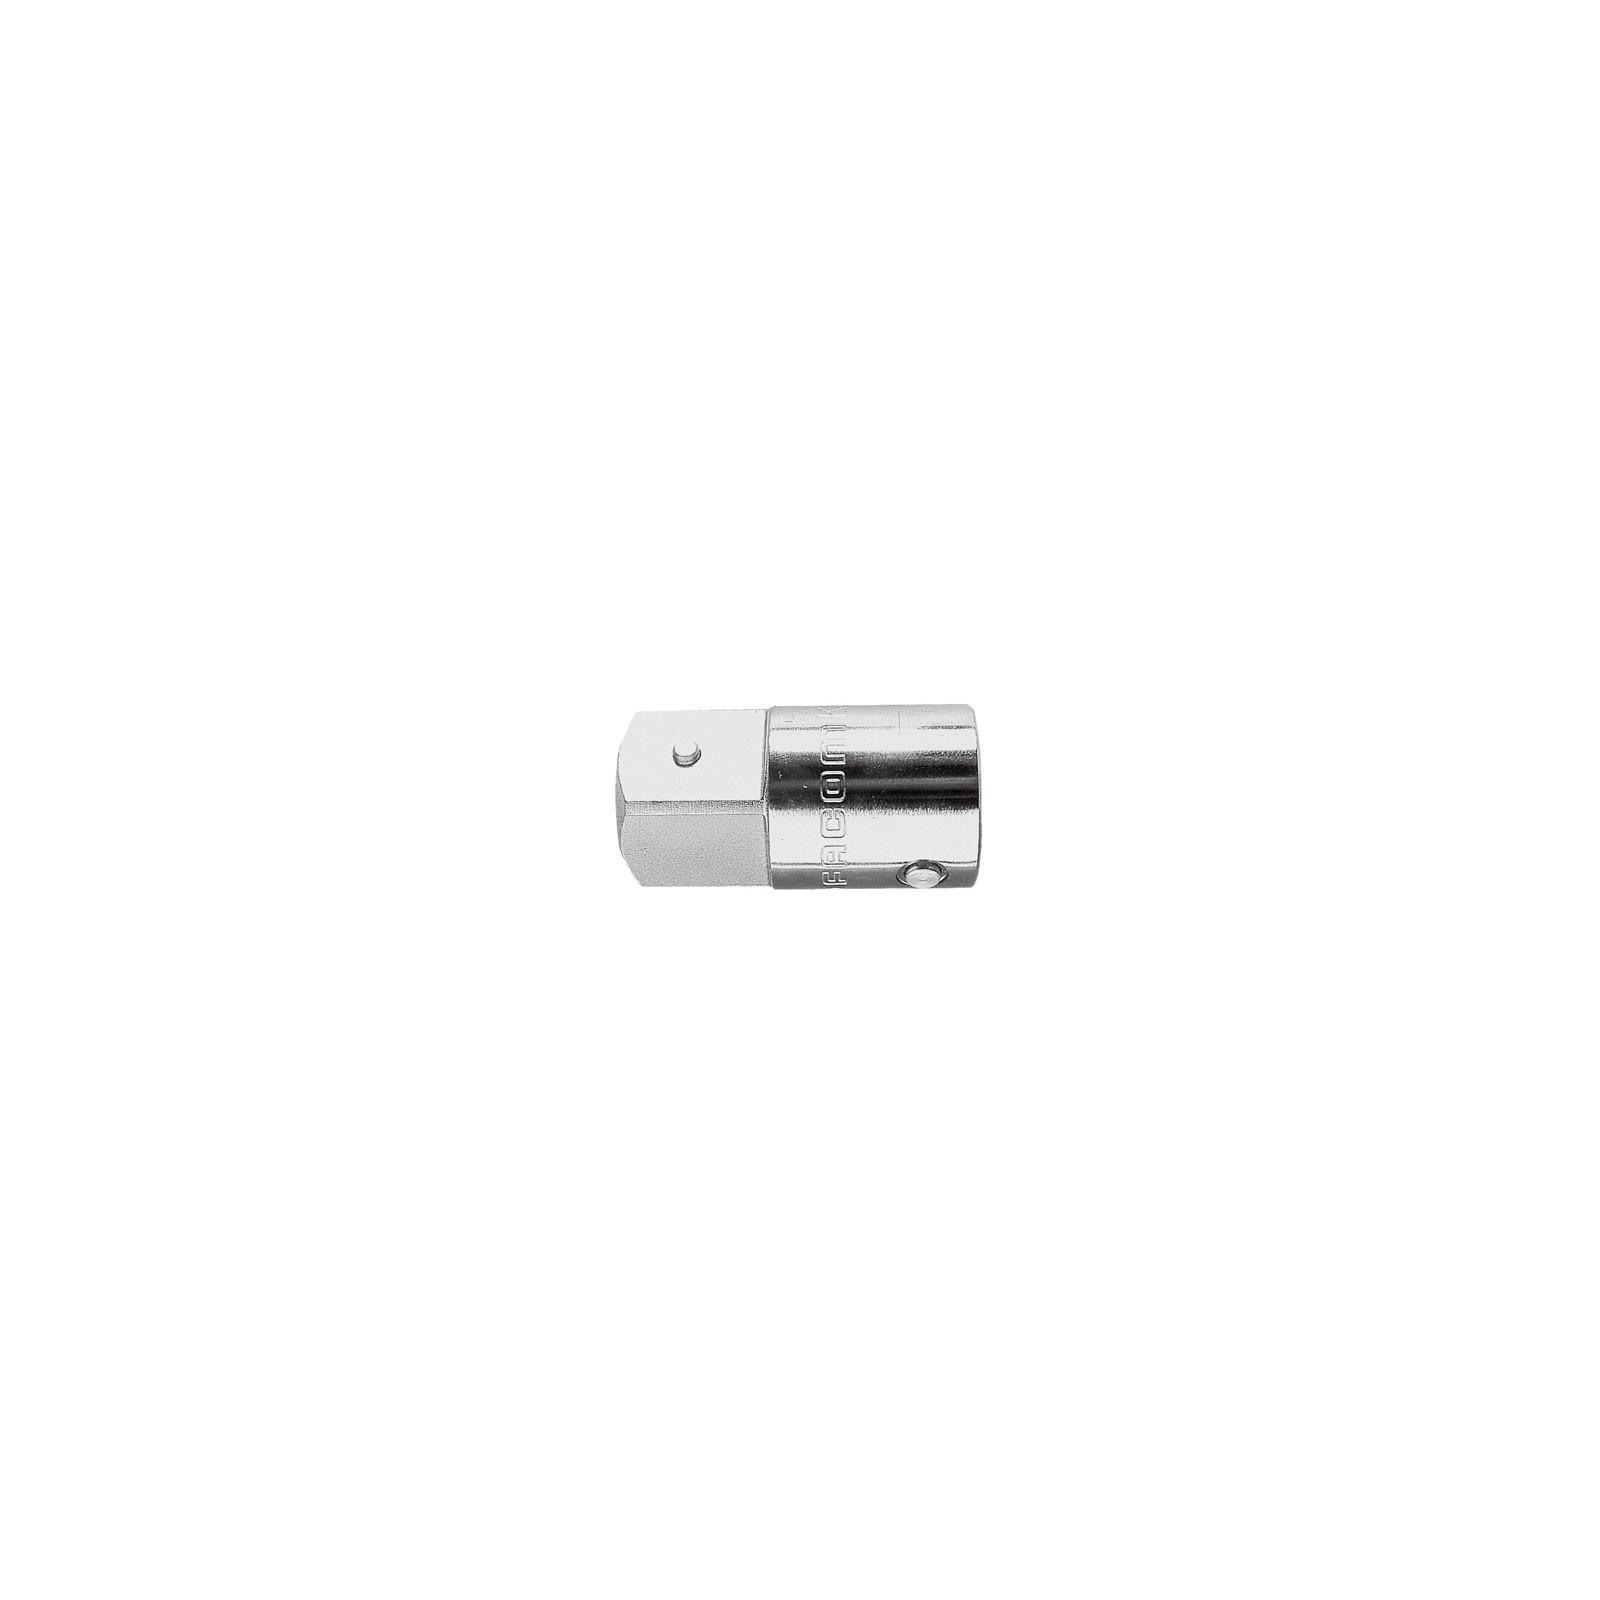 Augmentateur 3/4 à 1' - Facom K.232A